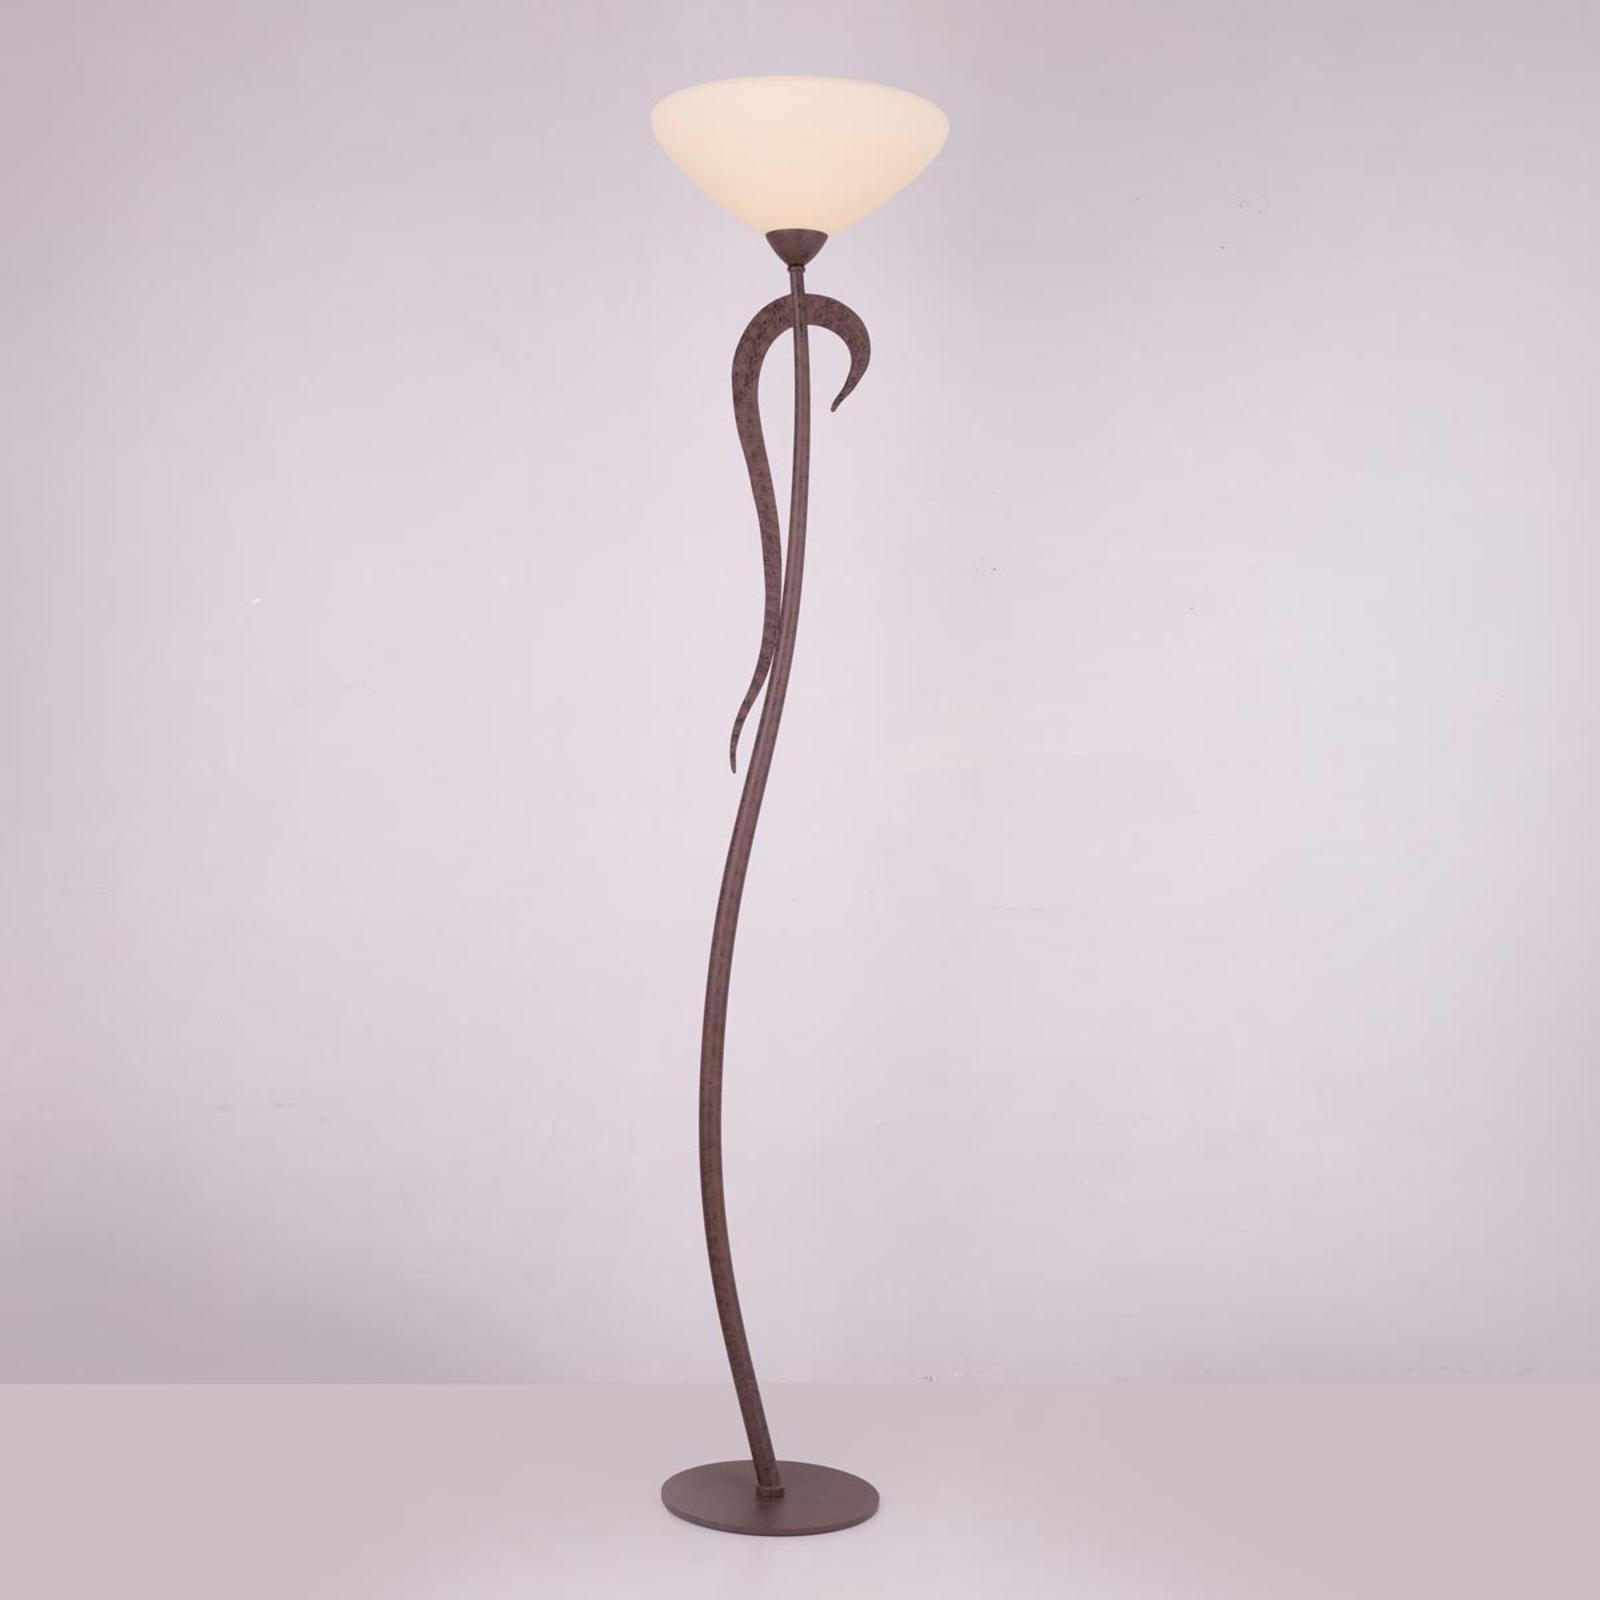 Lampa oświetlająca sufit Samuele, kremowa